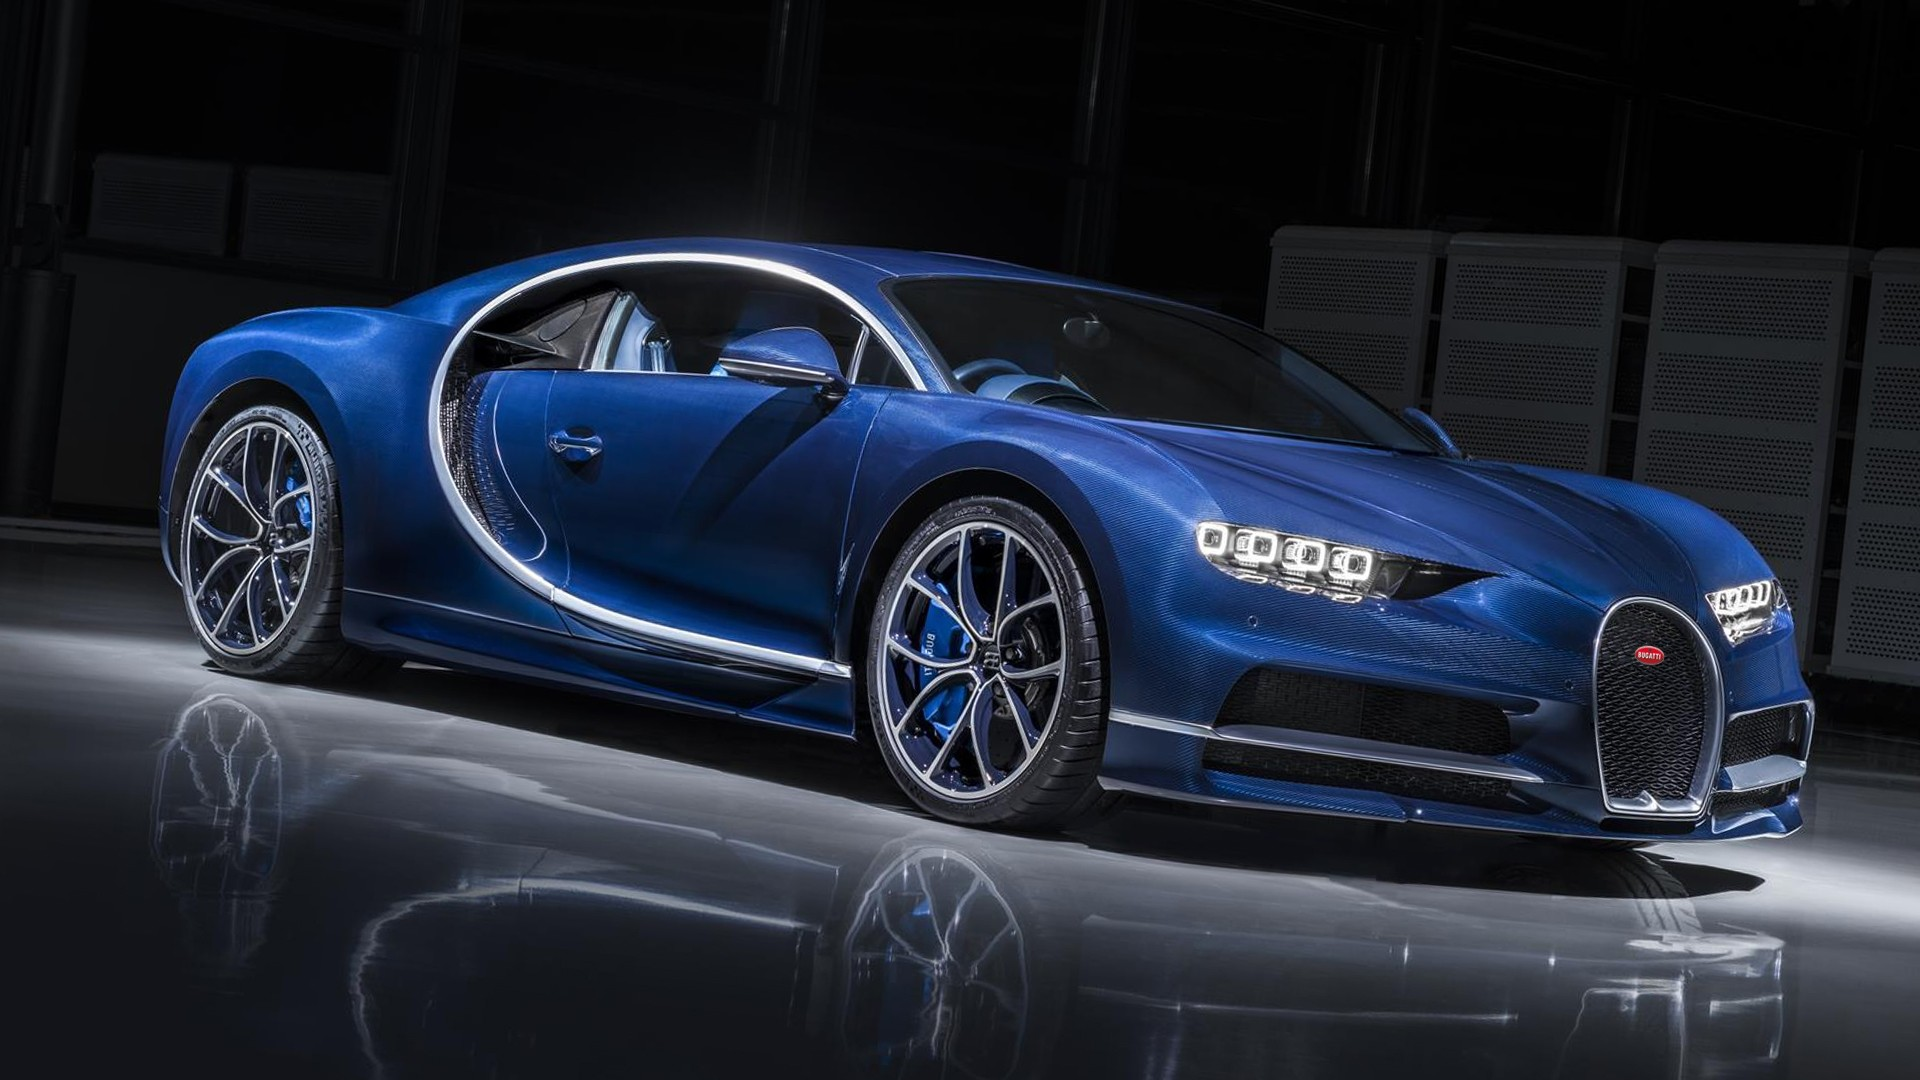 Bugatti Chiron Wallpaper Picture